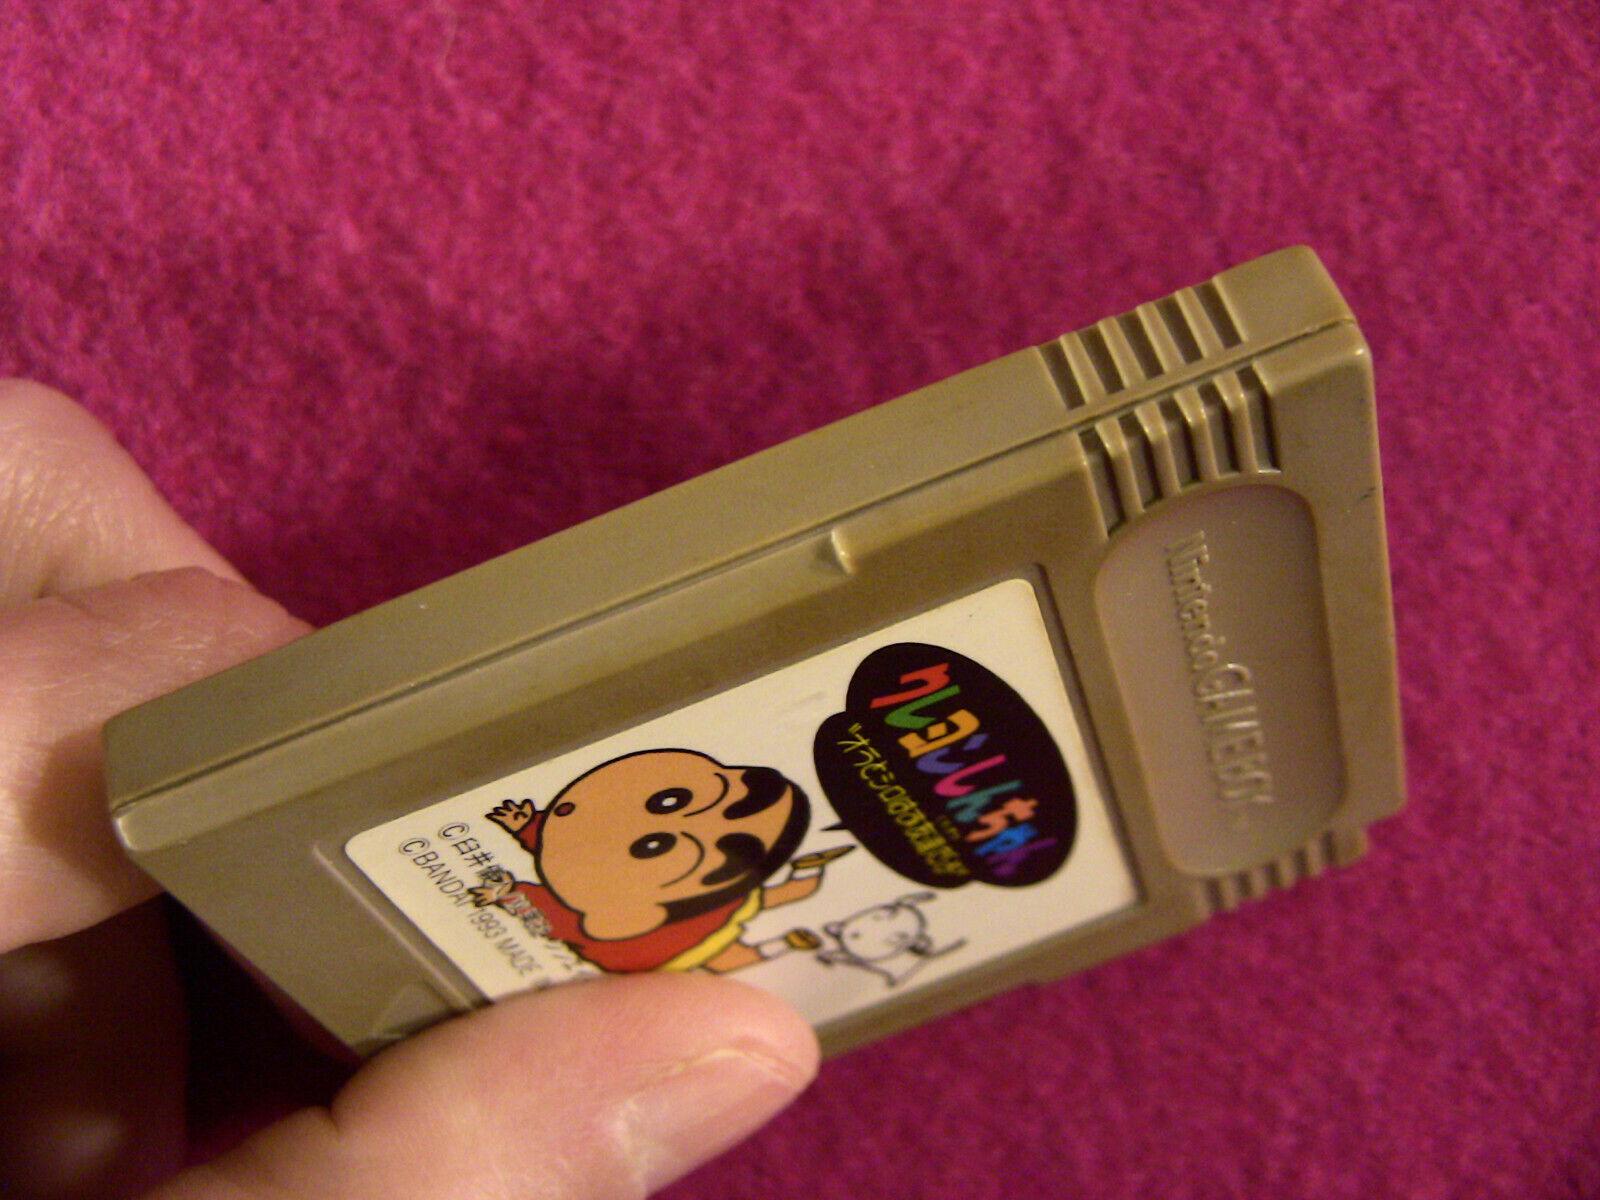 Crayon Shin-Chan: Ora to Shiro wa Otomodachi da yo (Nintendo Game Boy GB, 1993)